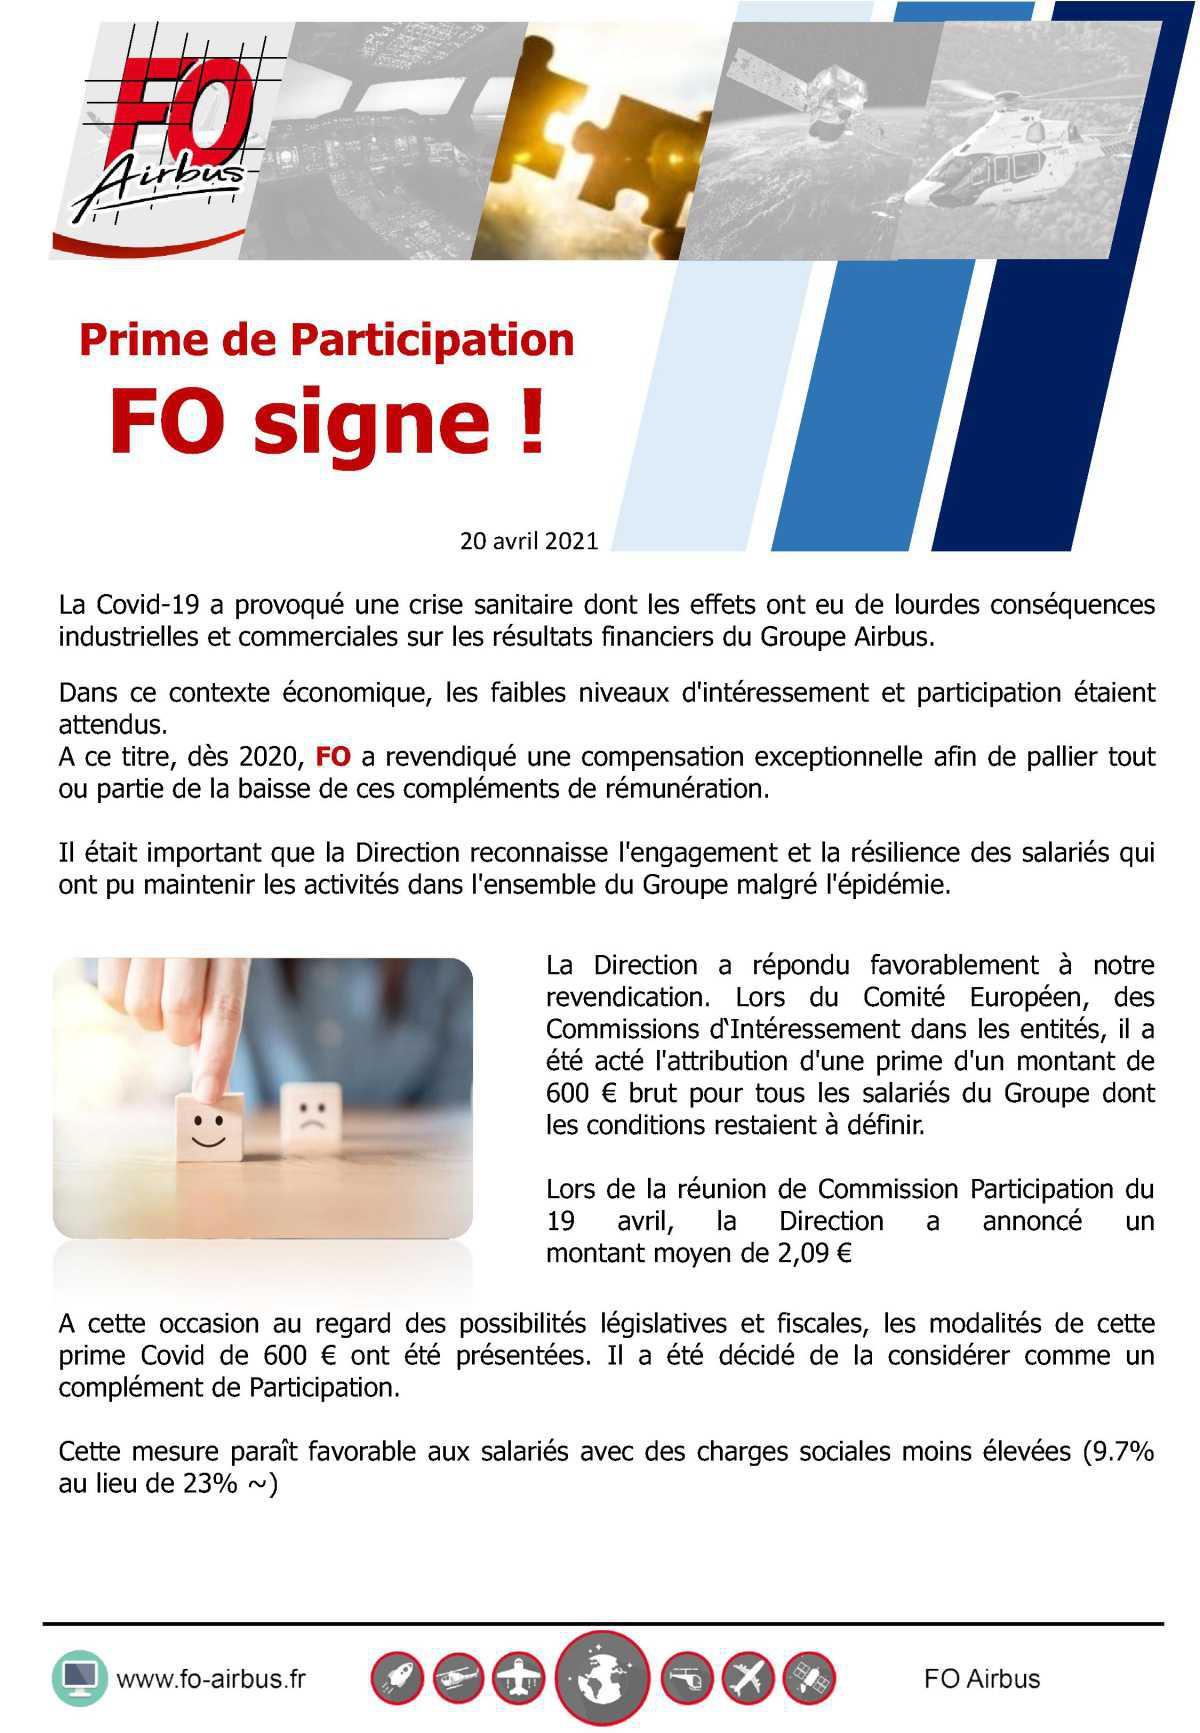 Prime de participation: FO signe l'avenant